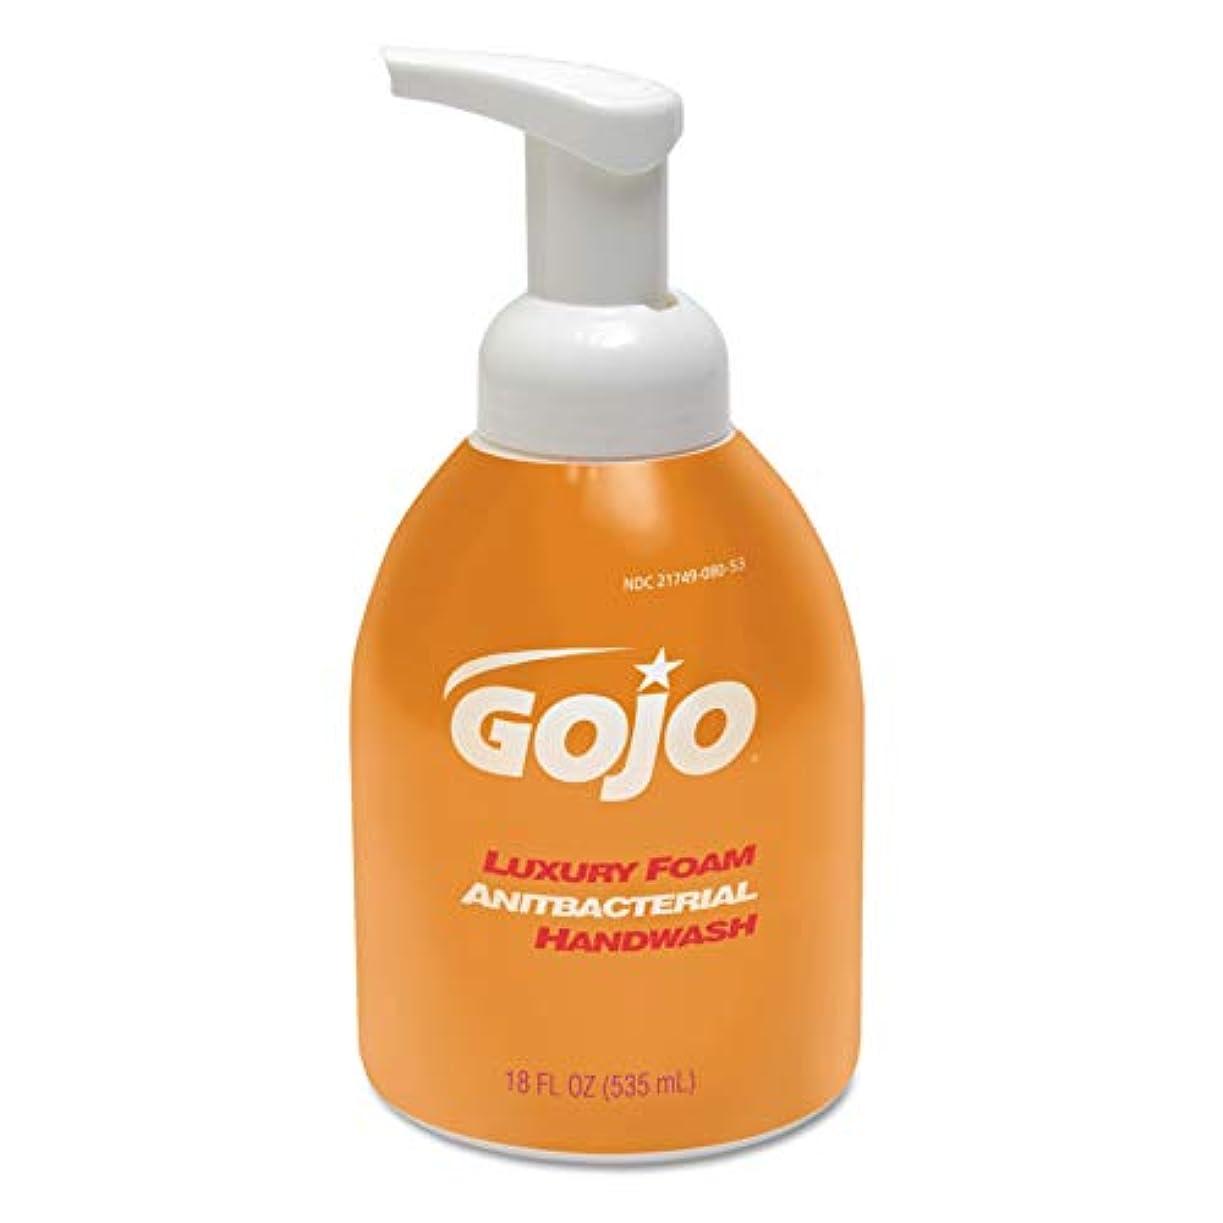 却下する相手Luxury Foam Antibacterial Handwash, Orange Blossom, 18 oz Pump (並行輸入品)